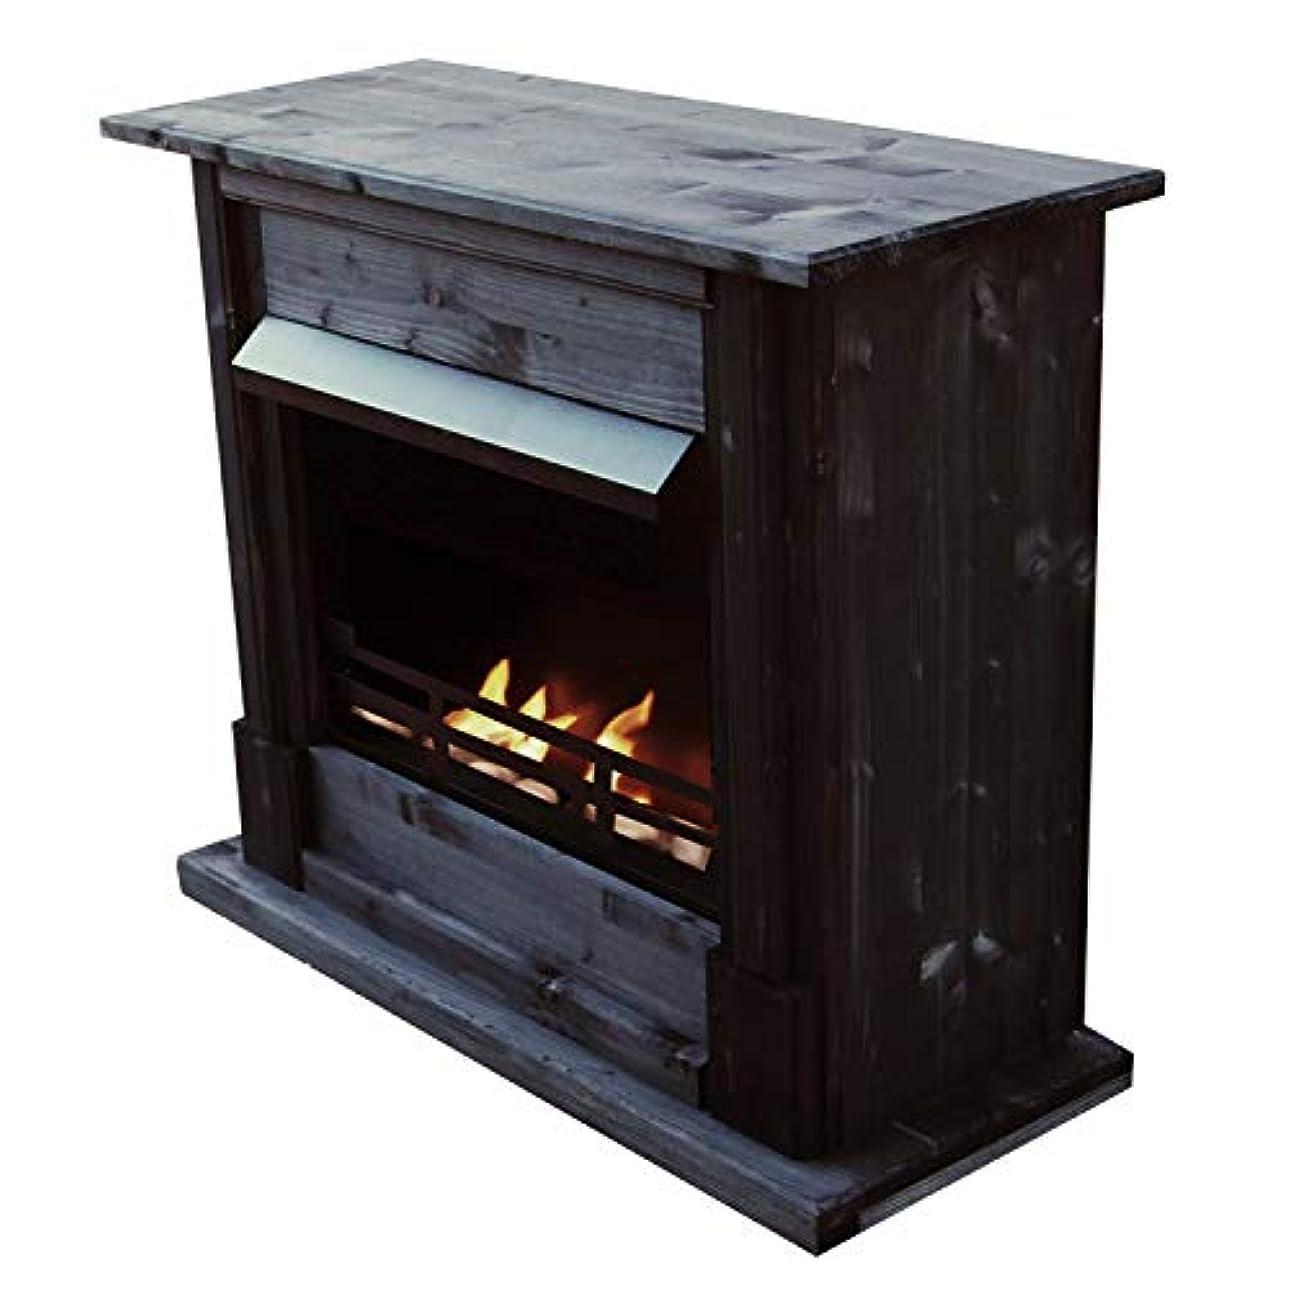 廊下手首お手入れジェル+ ethanol fire-places Emilyデラックスinclusive : 1調節可能なstainless-steel Burner ブラック 10080